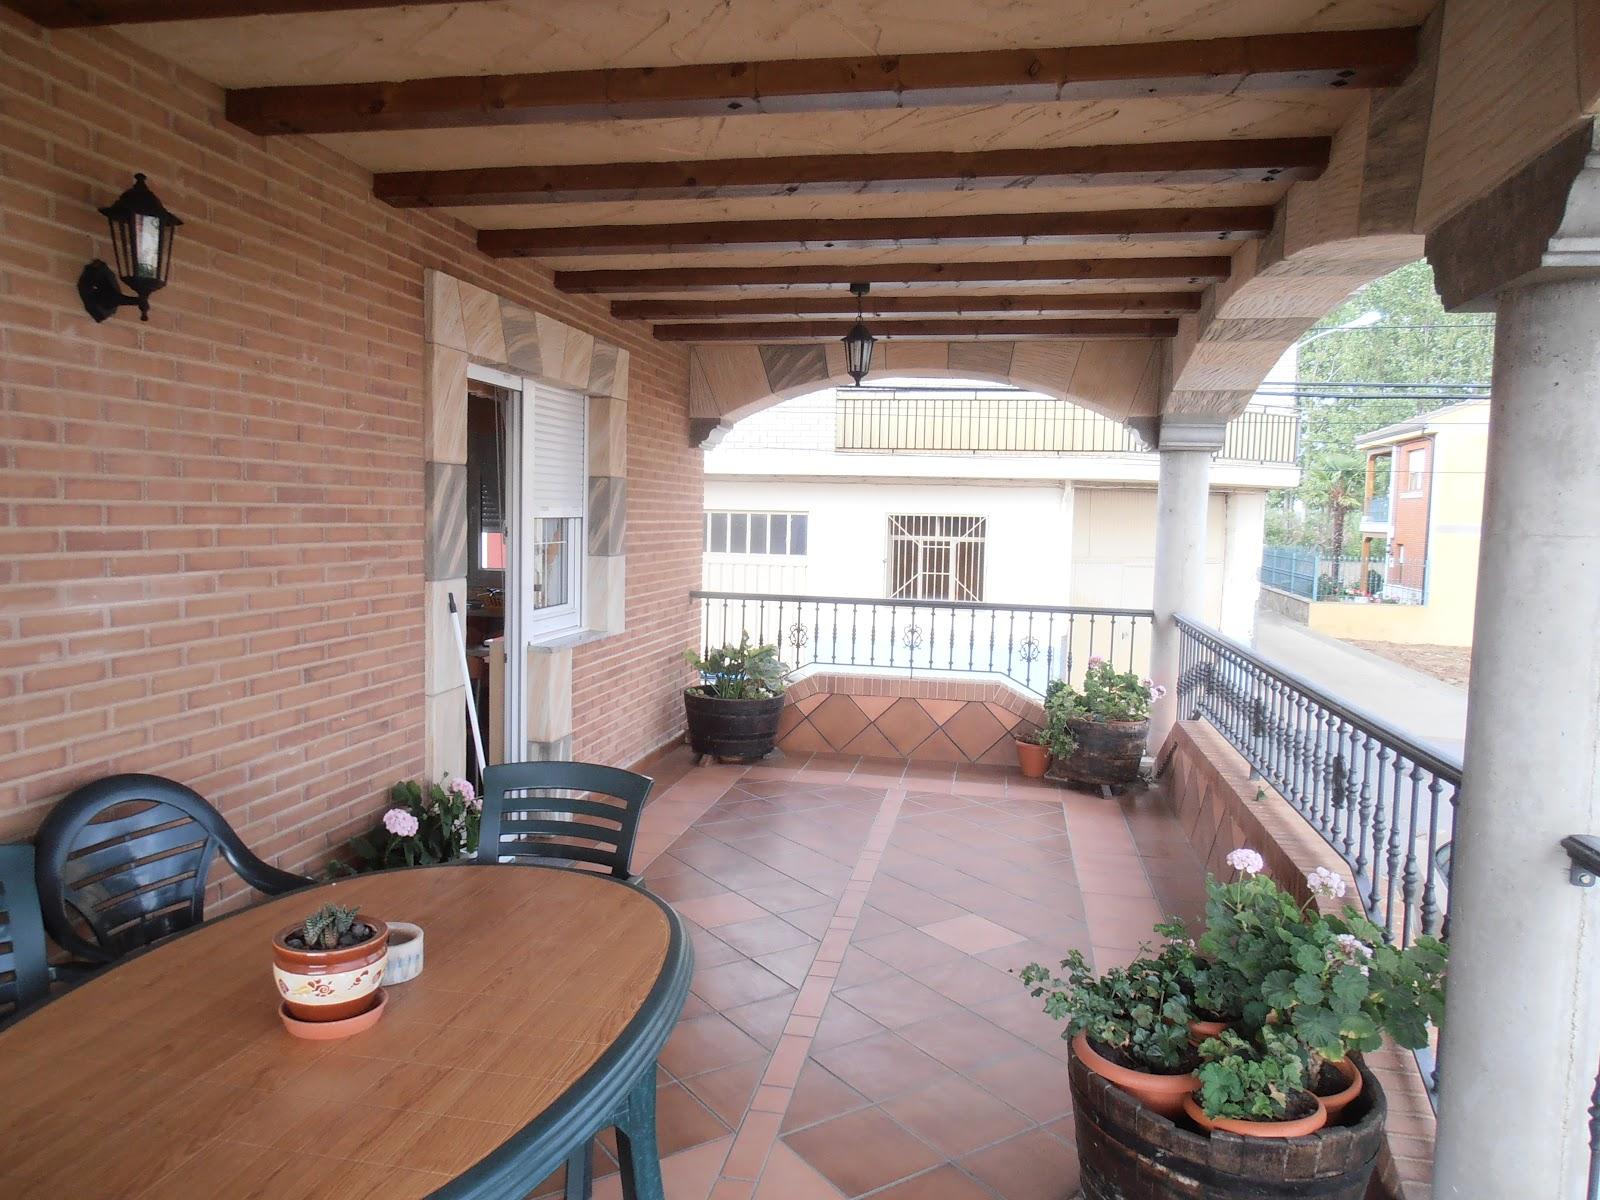 Construcciones felipe villarejo exteriores terrazas remates for Remate de terrazas